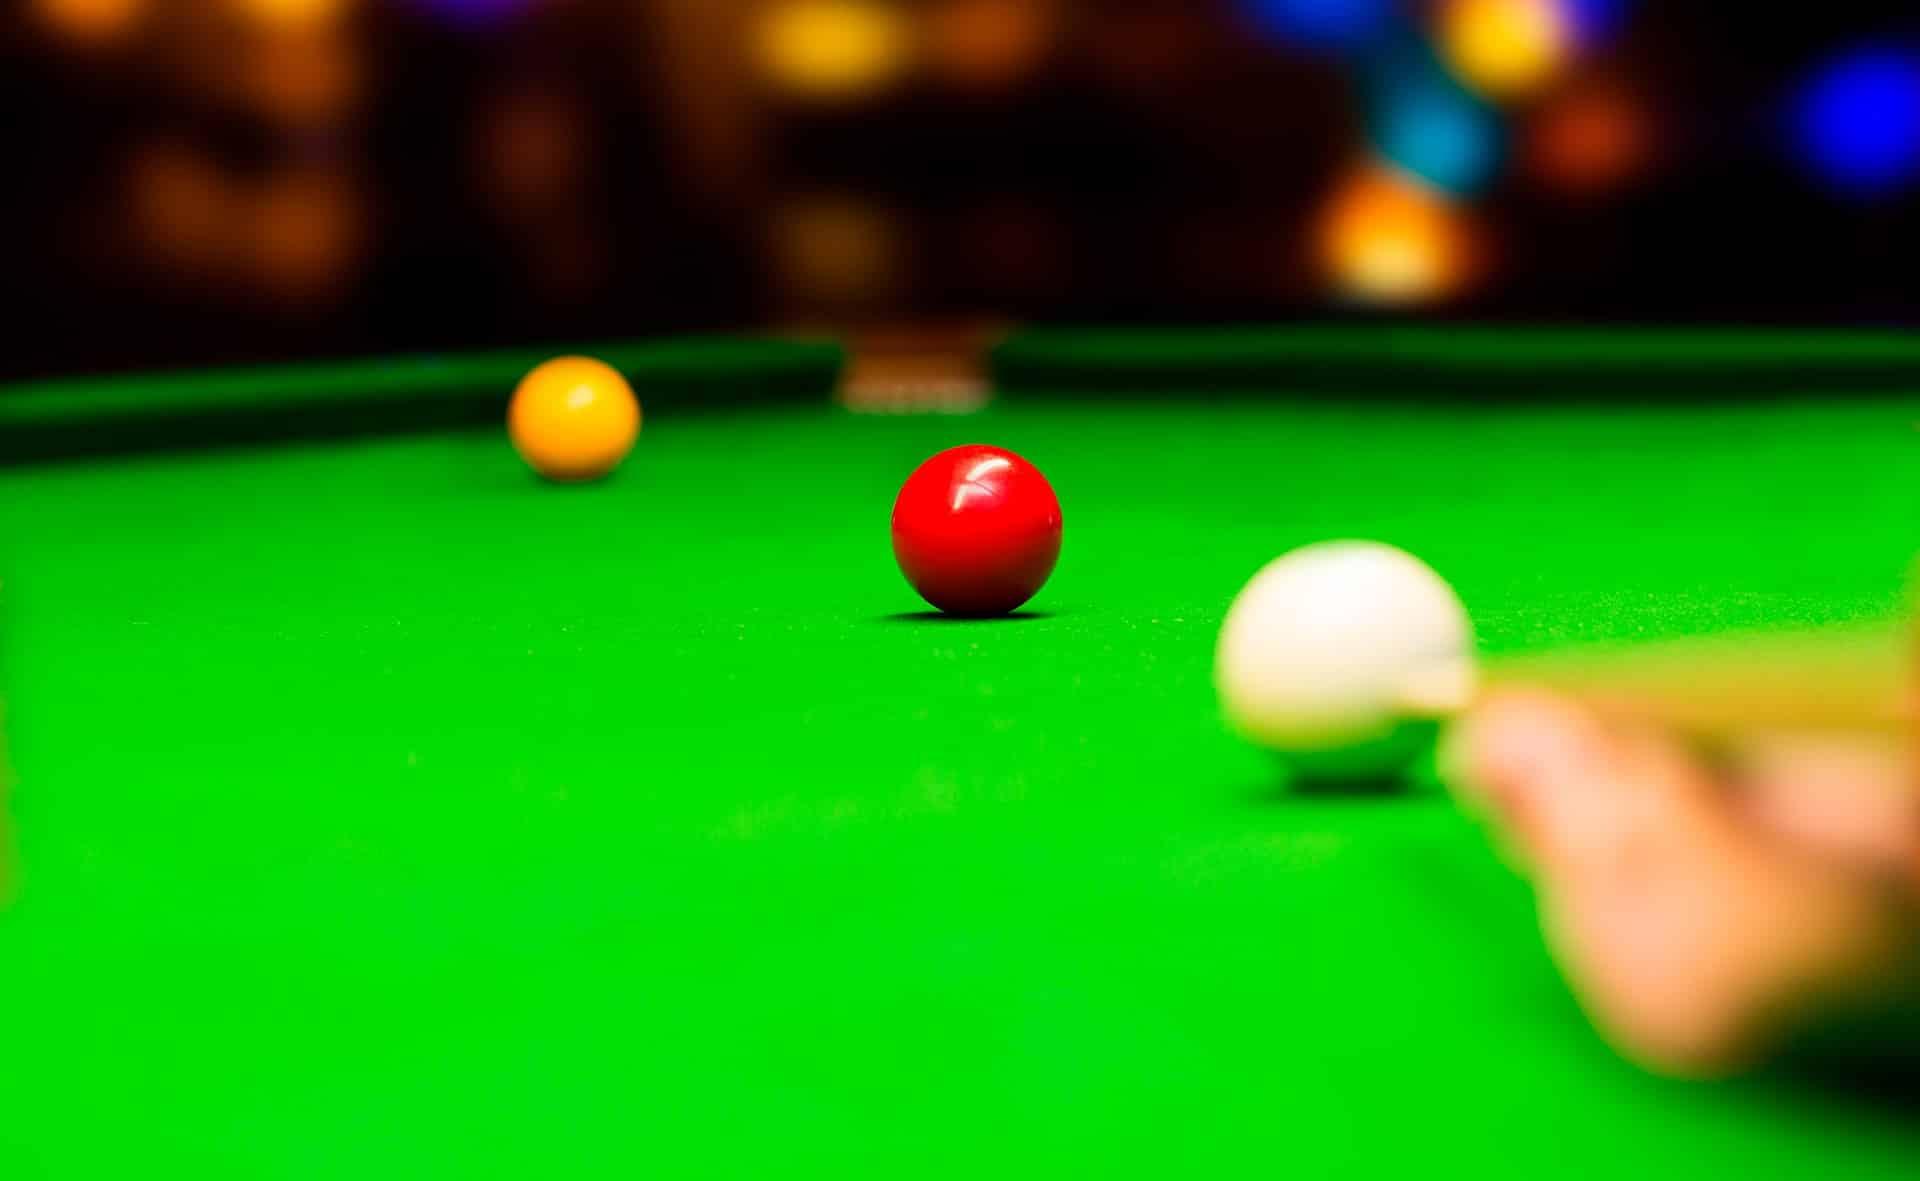 Tornei Online di Biliardo: dove giocare e vincere soldi